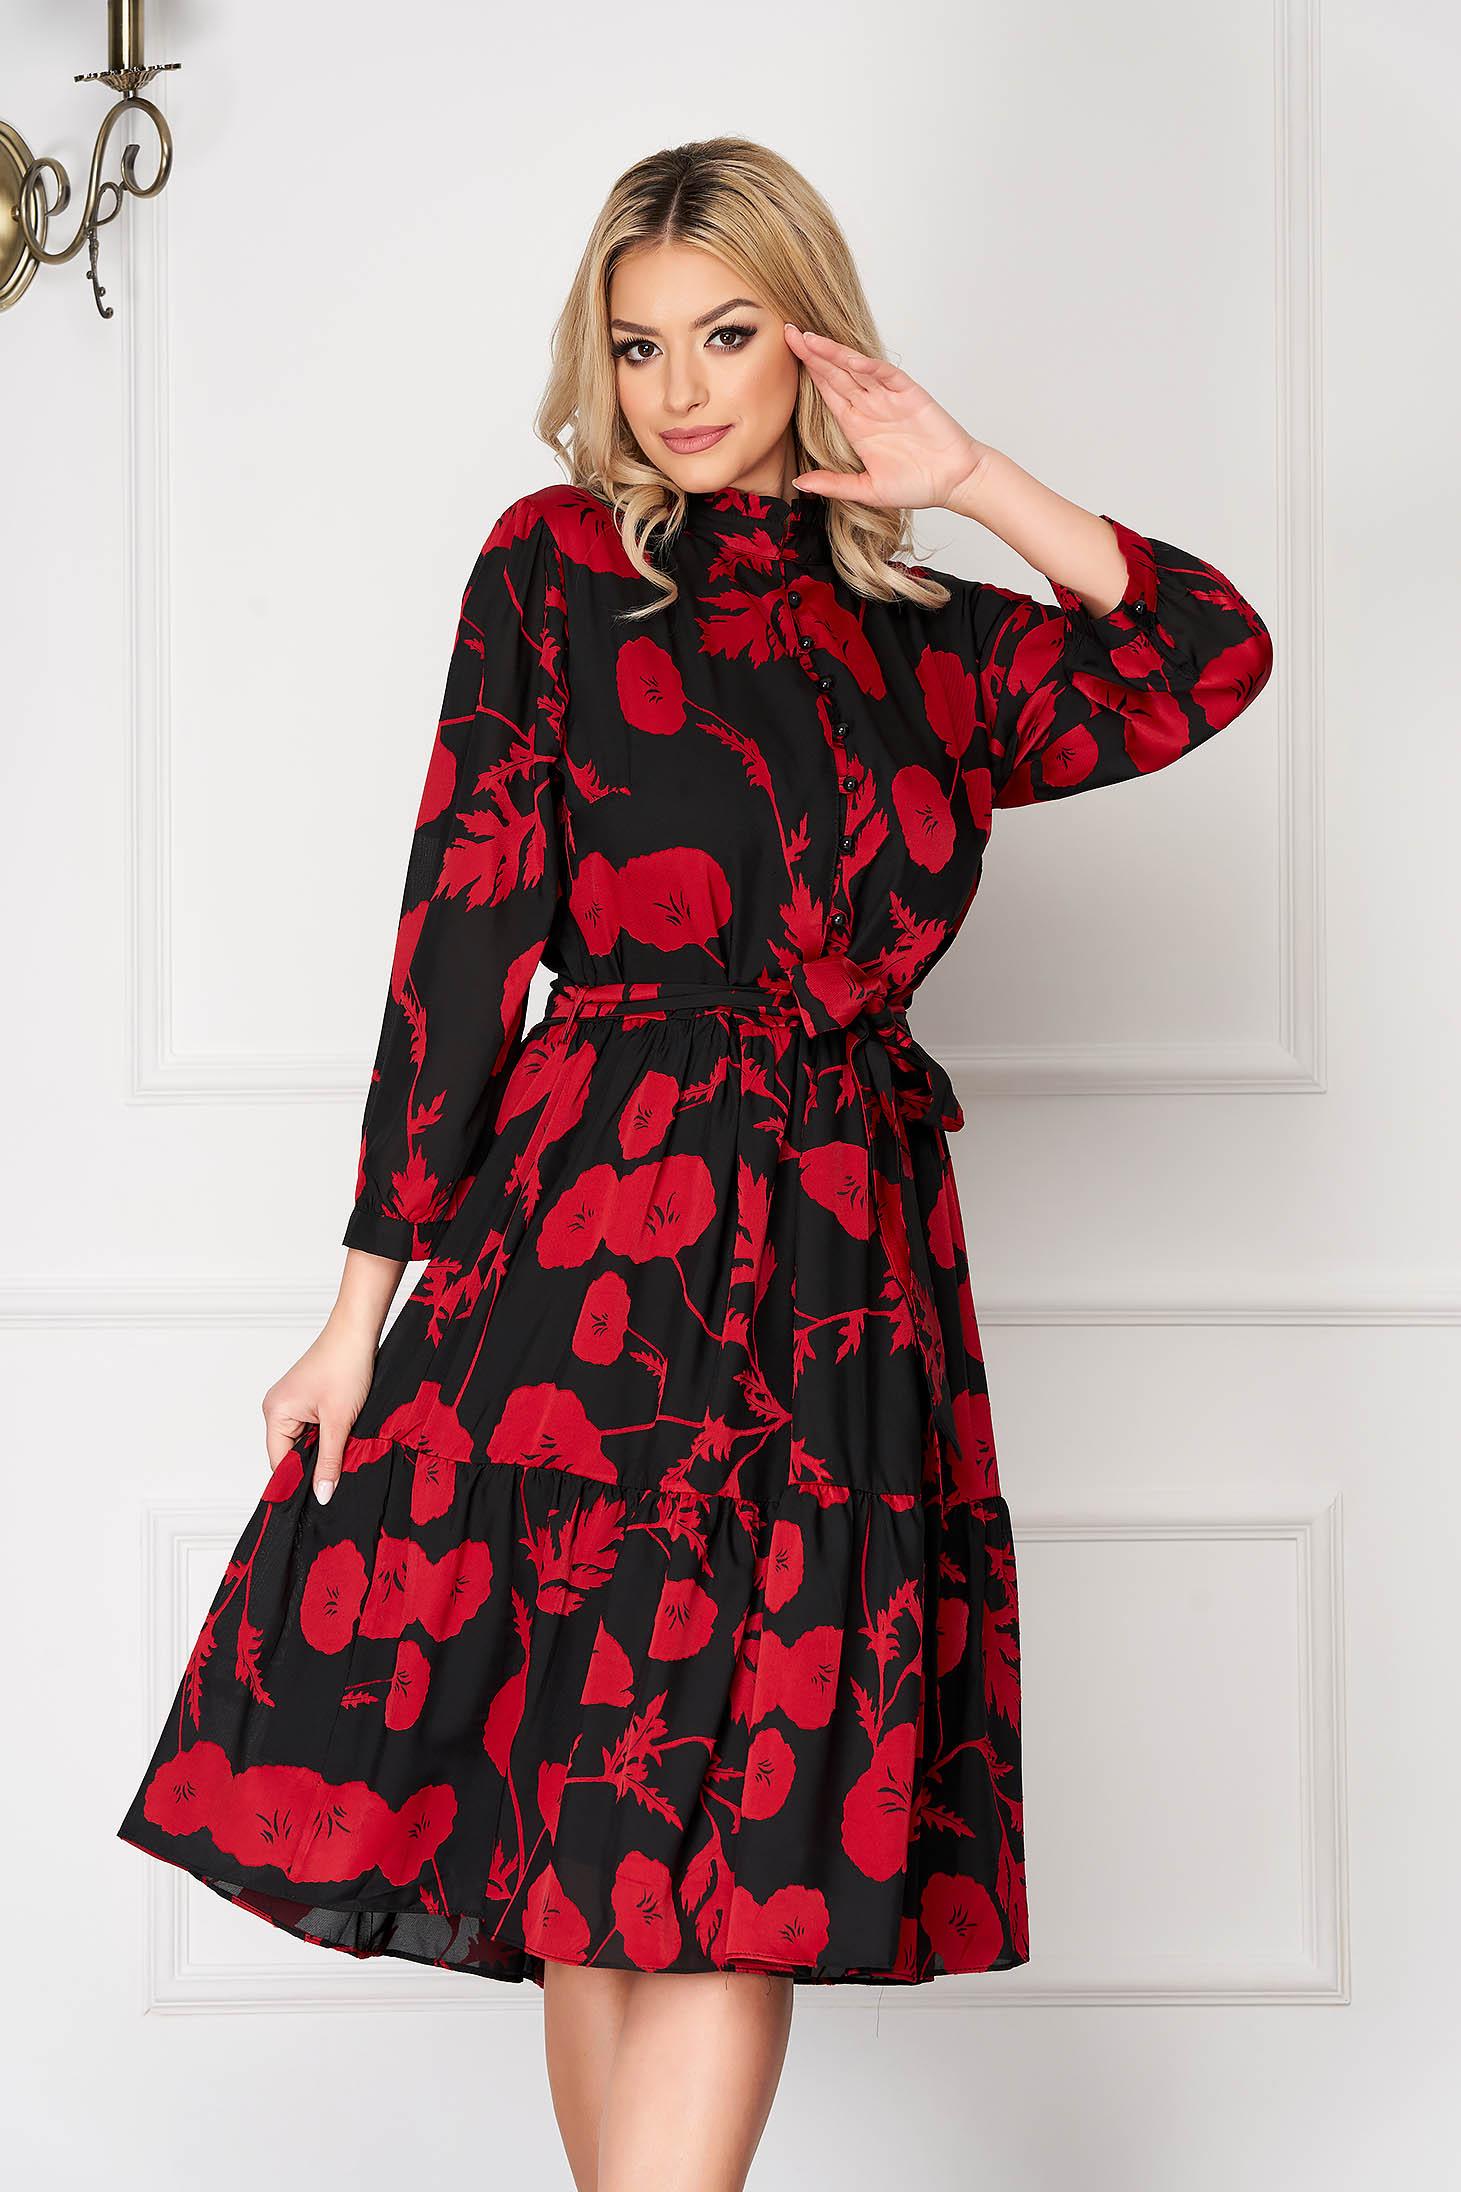 Rochie rosie eleganta in clos scurta cu imprimeuri florale accesorizata cu cordon cu maneci prinse in elastic